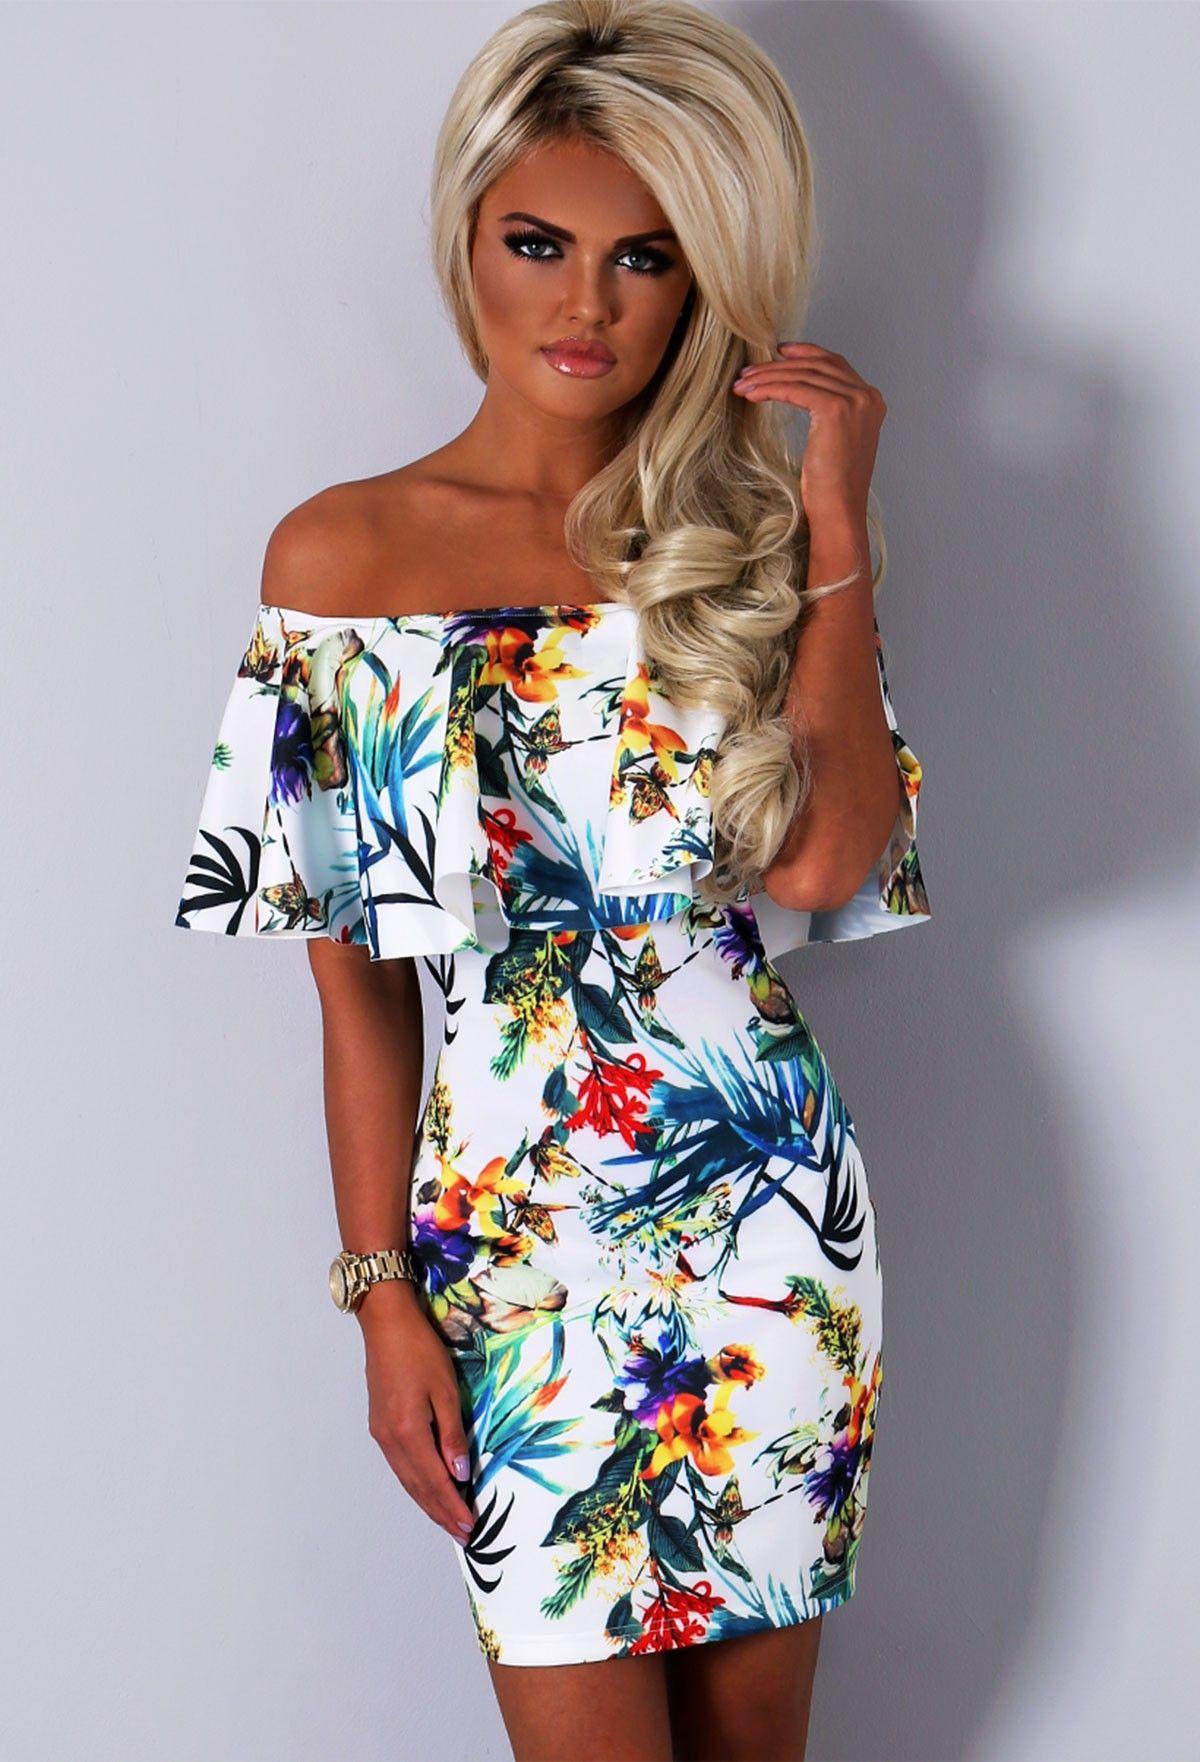 Latest Womens Fashion Clothing Dresses: Zamamba Tropical Print Peplum Mini Dress